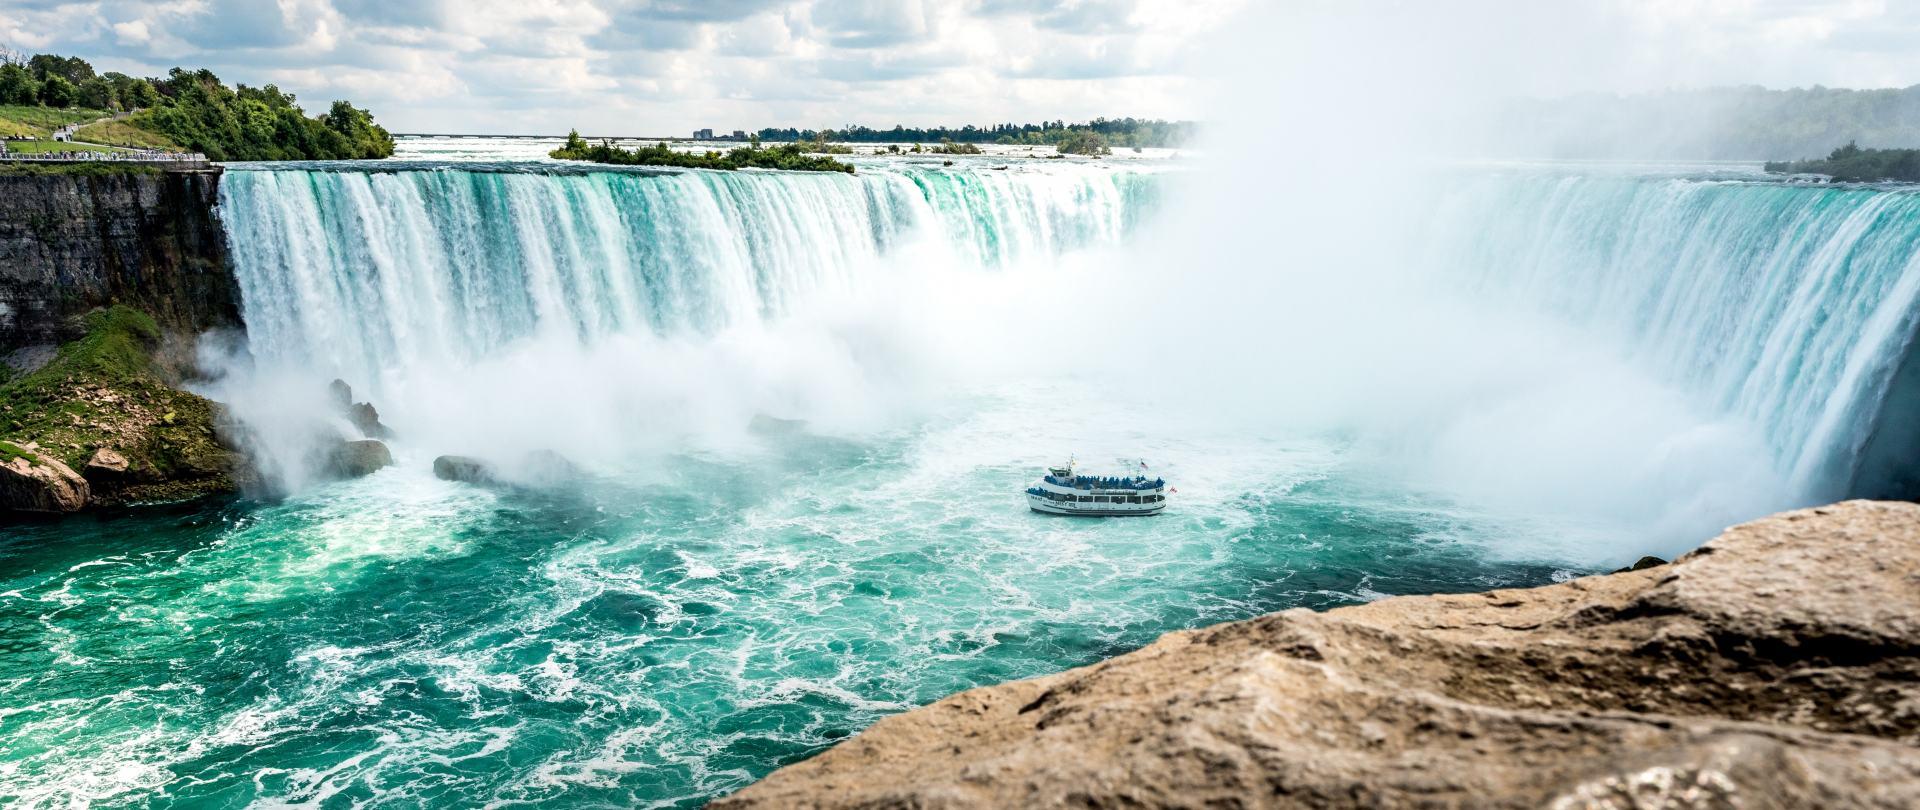 boat-beside-waterfalls-1374585.jpg